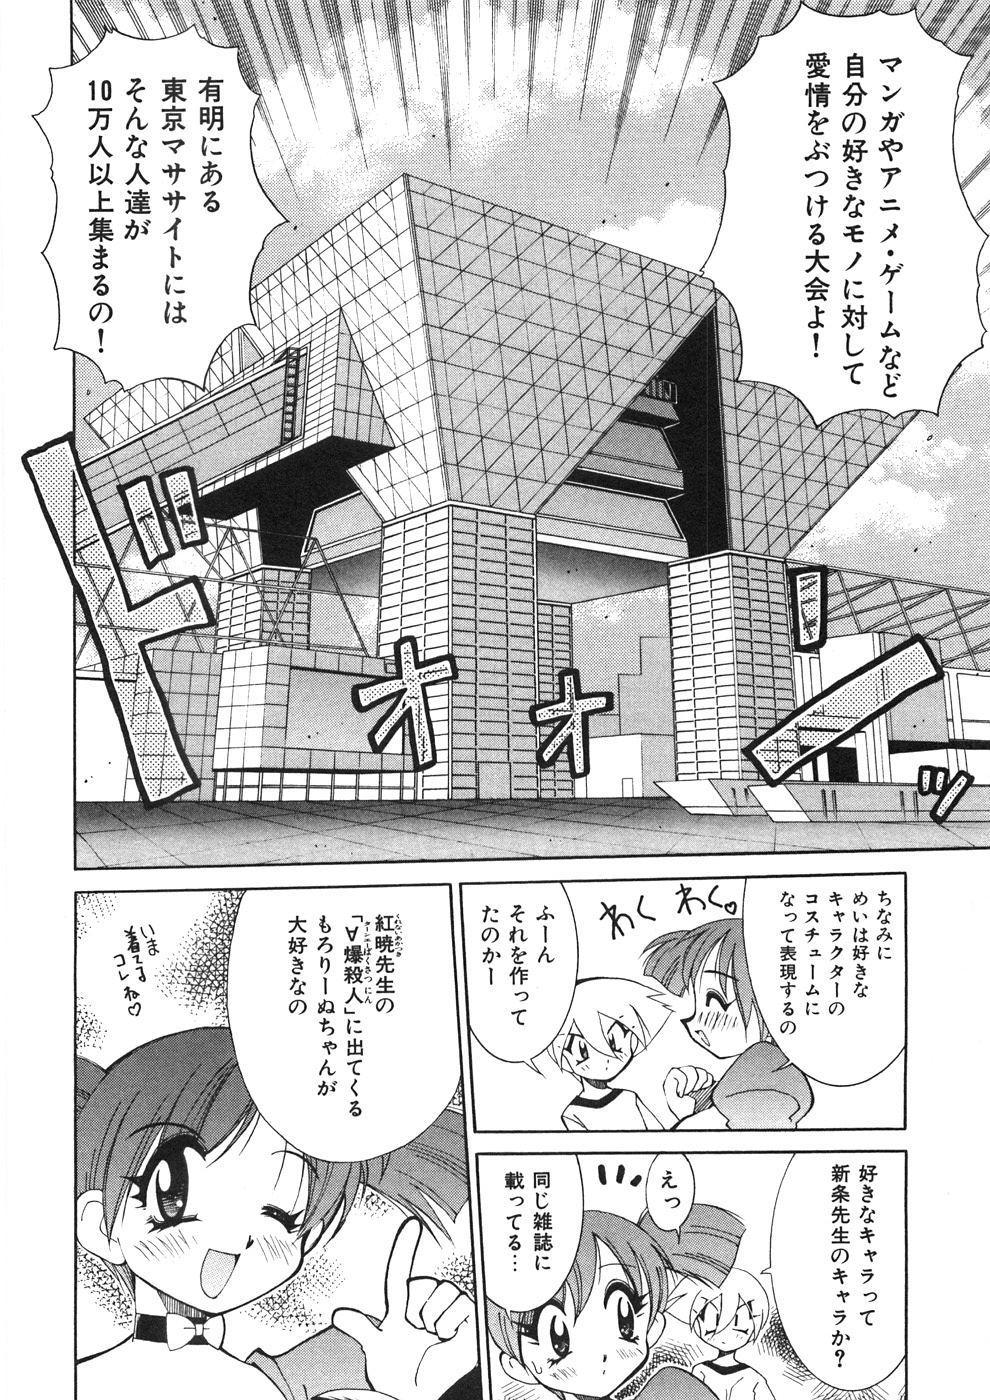 Chichichichi Banban 84